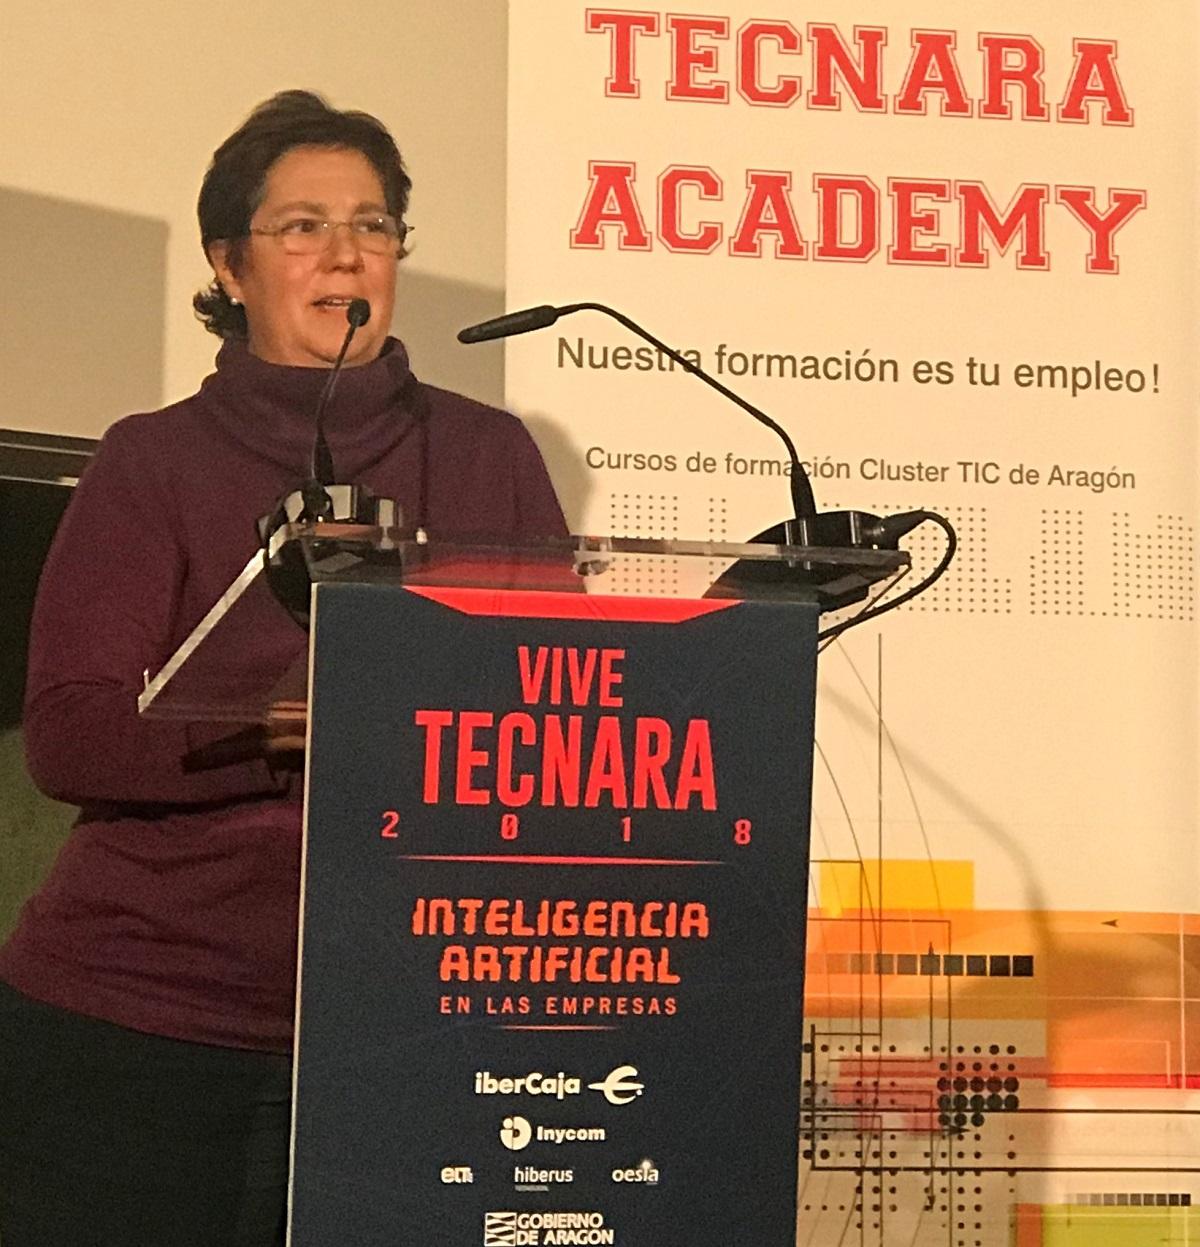 Vive Tecnara